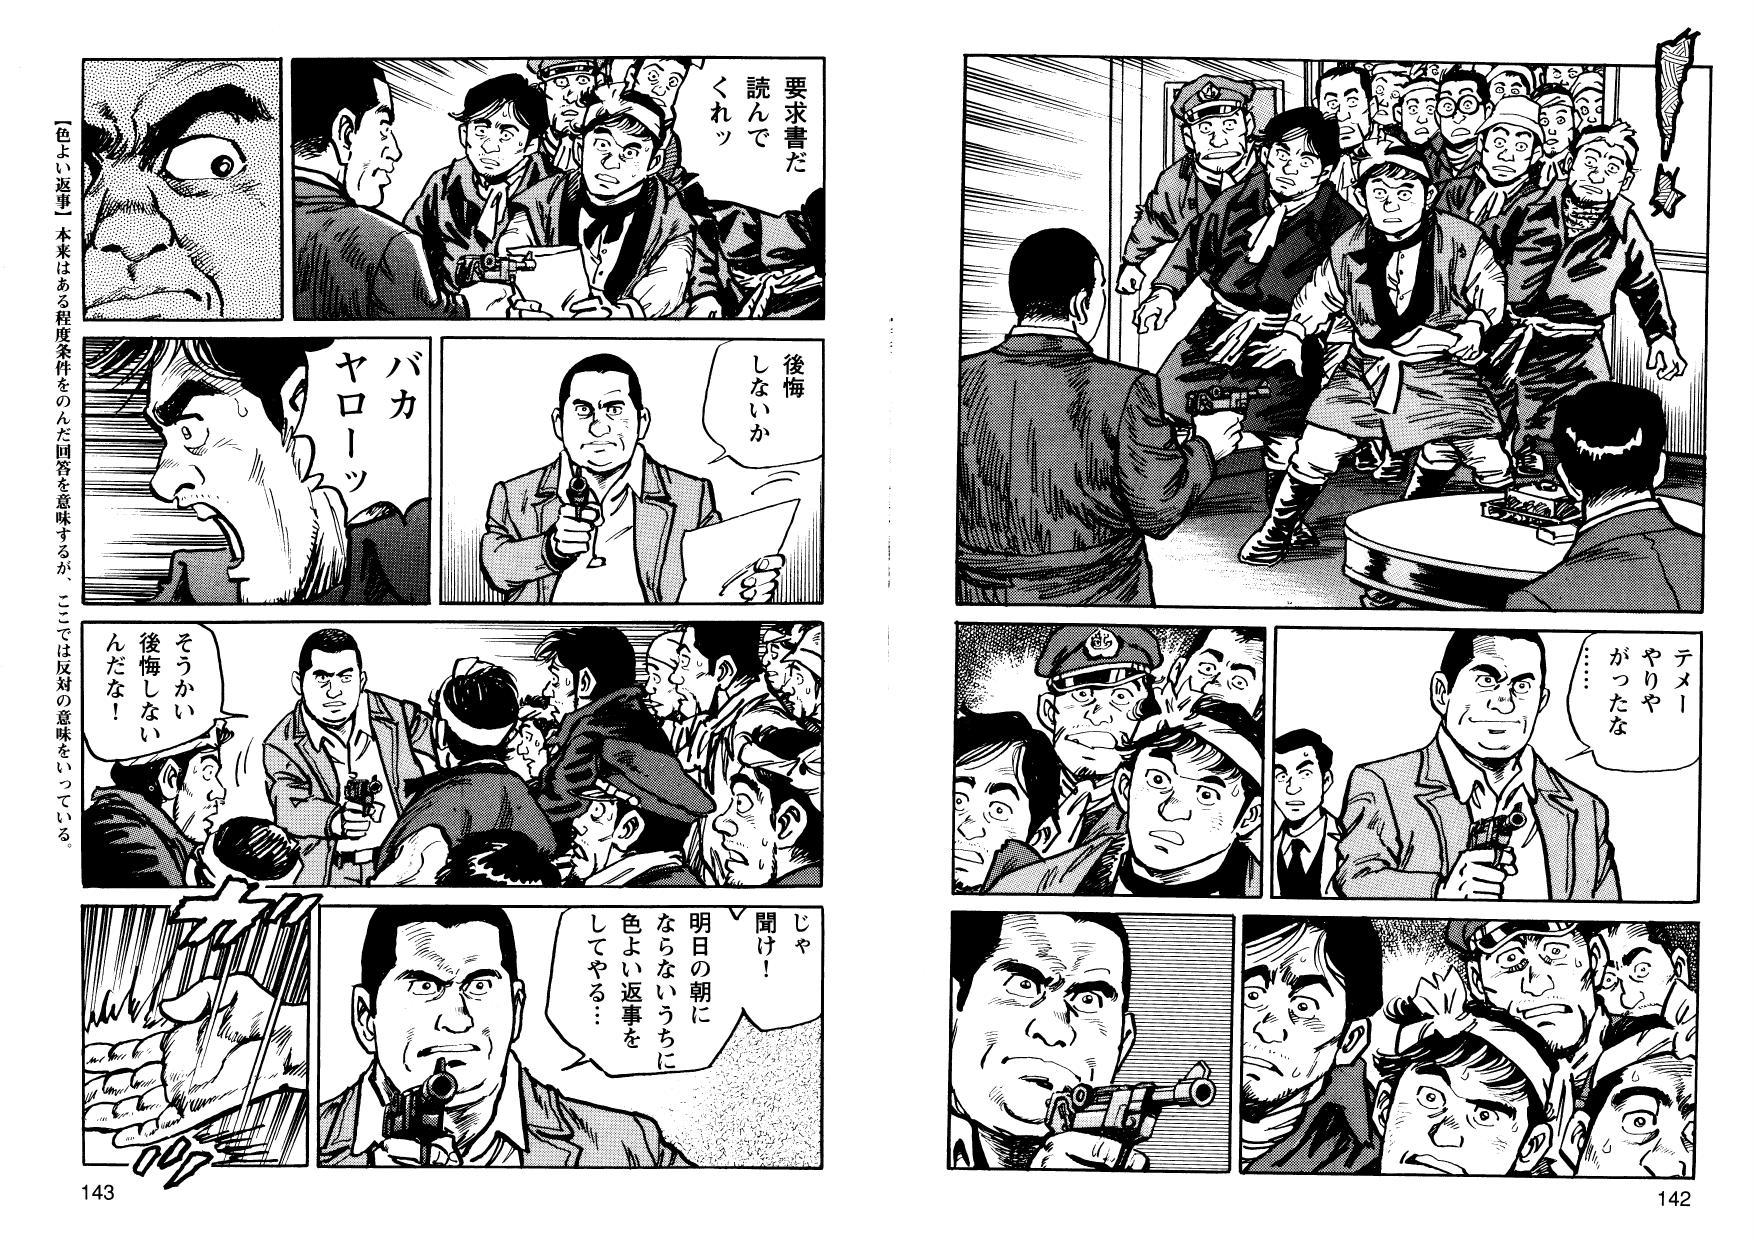 kani_cmc_000072.jpg